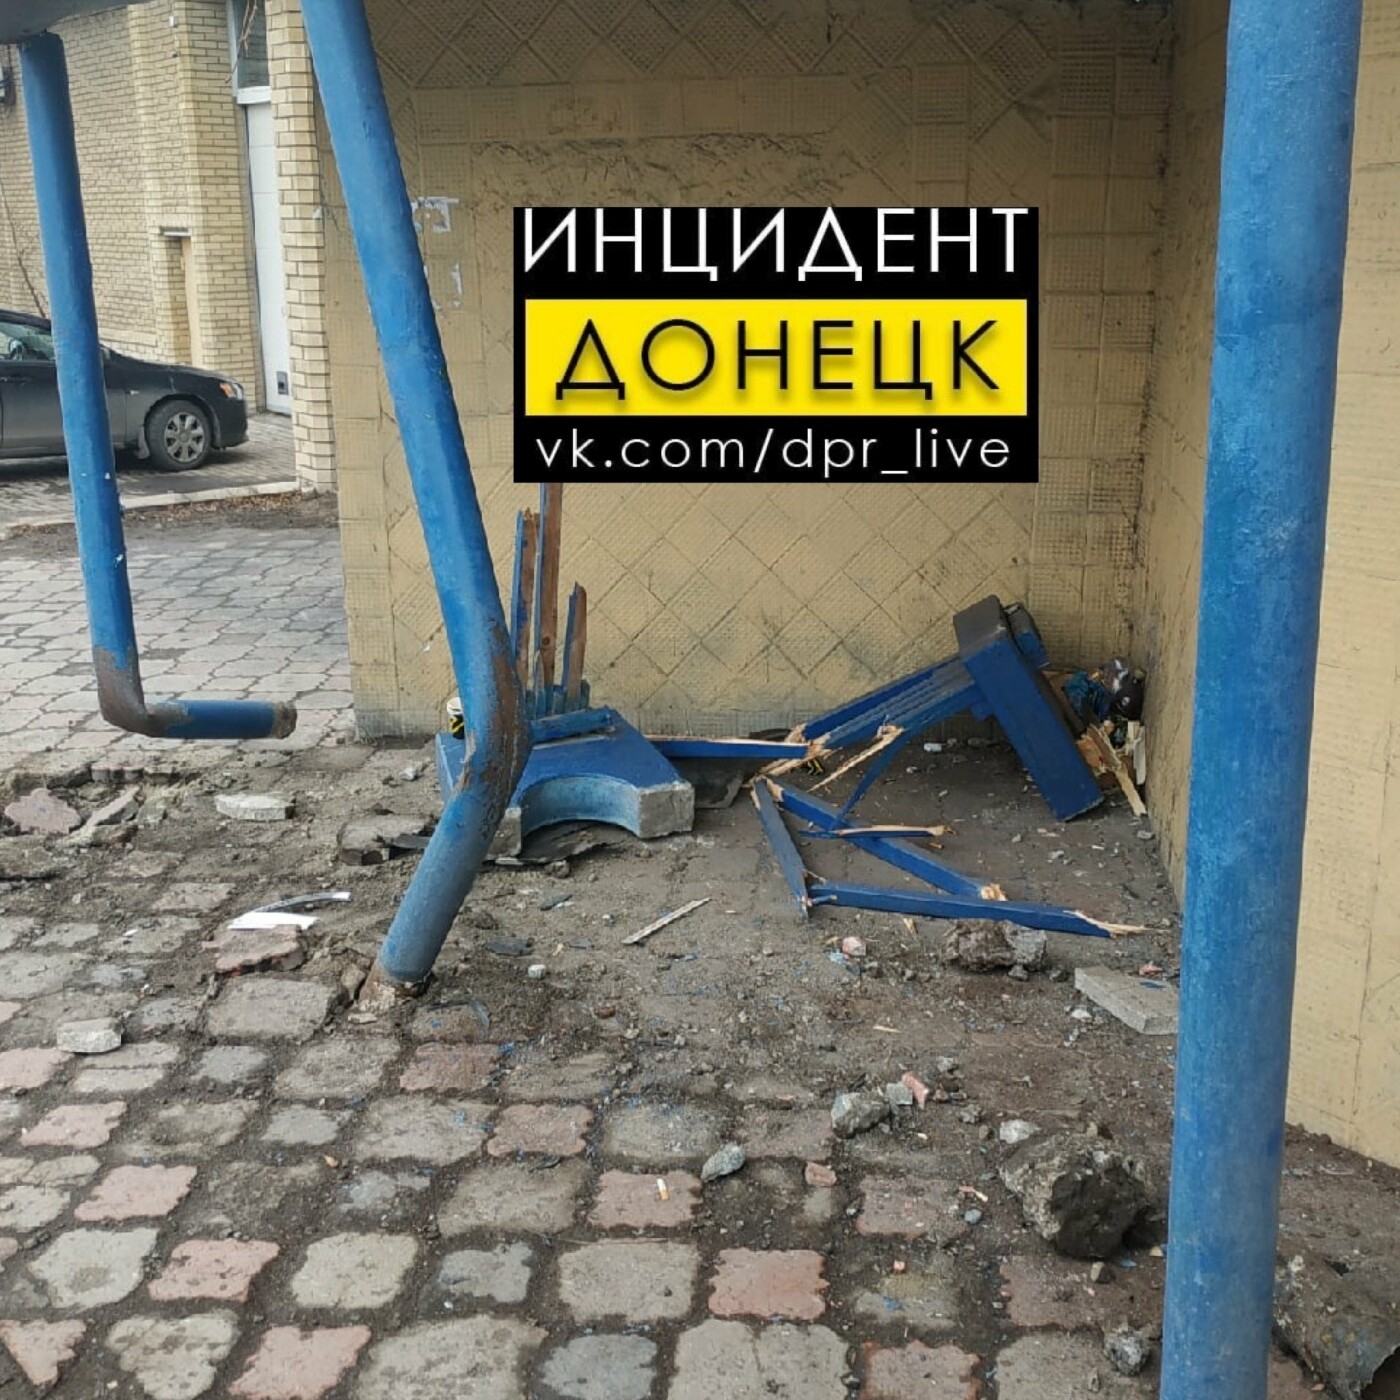 В оккупированной Макеевке джип влетел в остановку: пострадала женщина, - ФОТО, фото-1